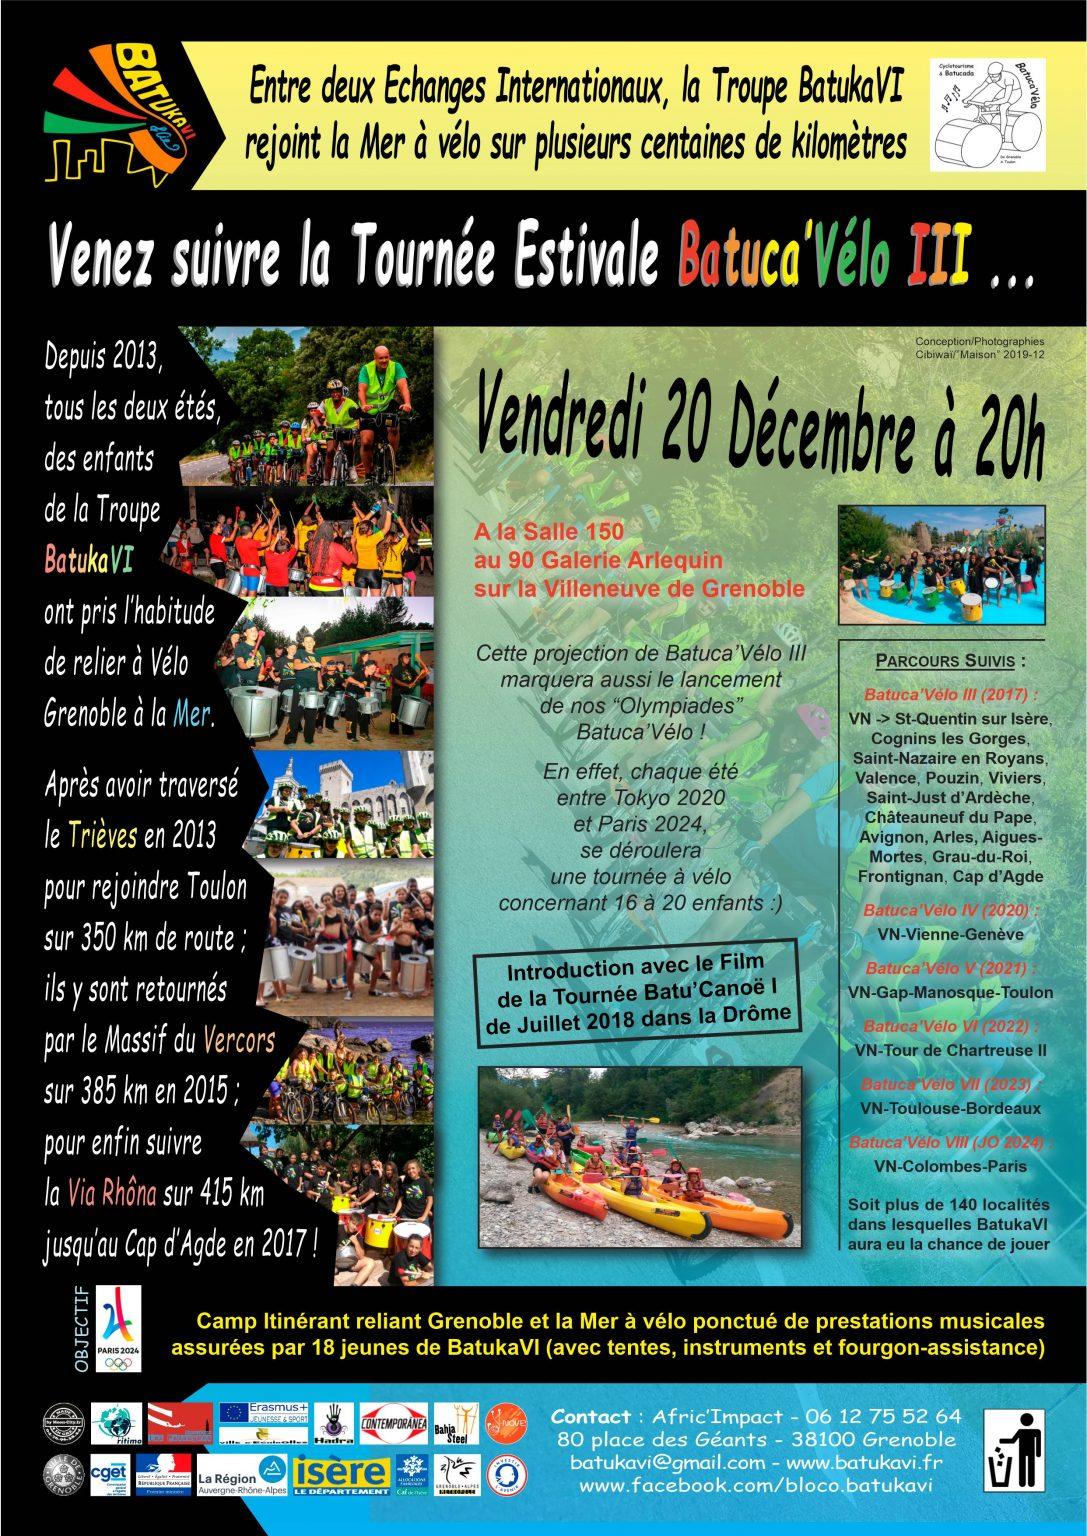 2019-12-20 Soirée Batuca'Vélo III - Batu'Canoë